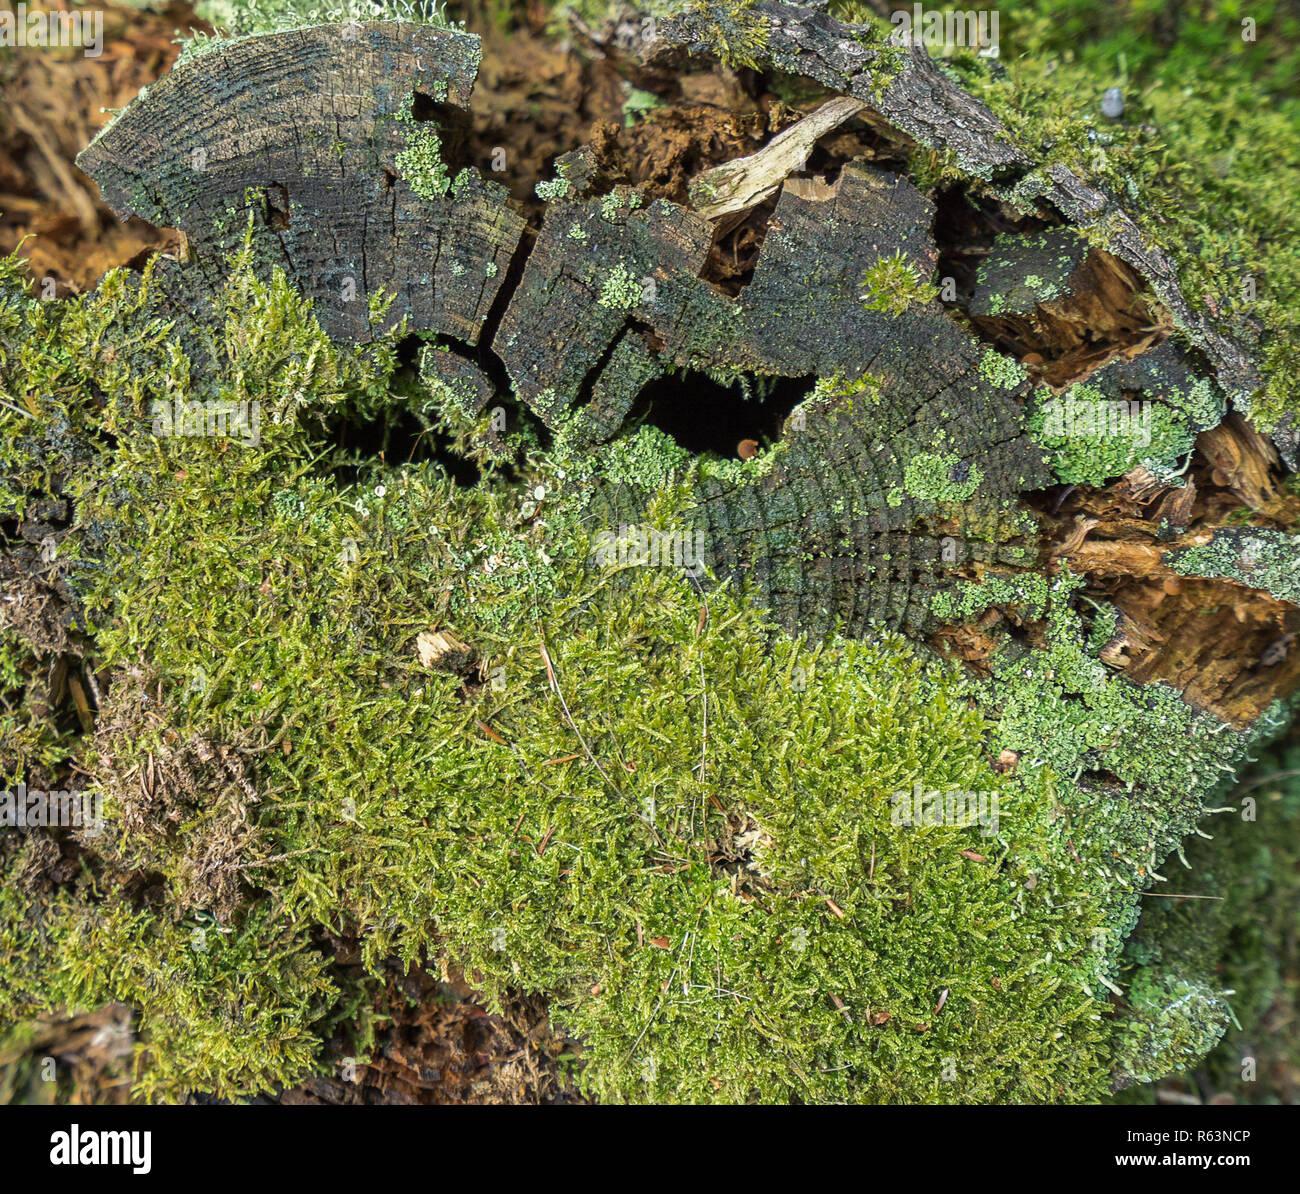 Nahaufnahme der faulenden Baumstamm mit Moos und Flechten in Wald Ambiente Stockbild